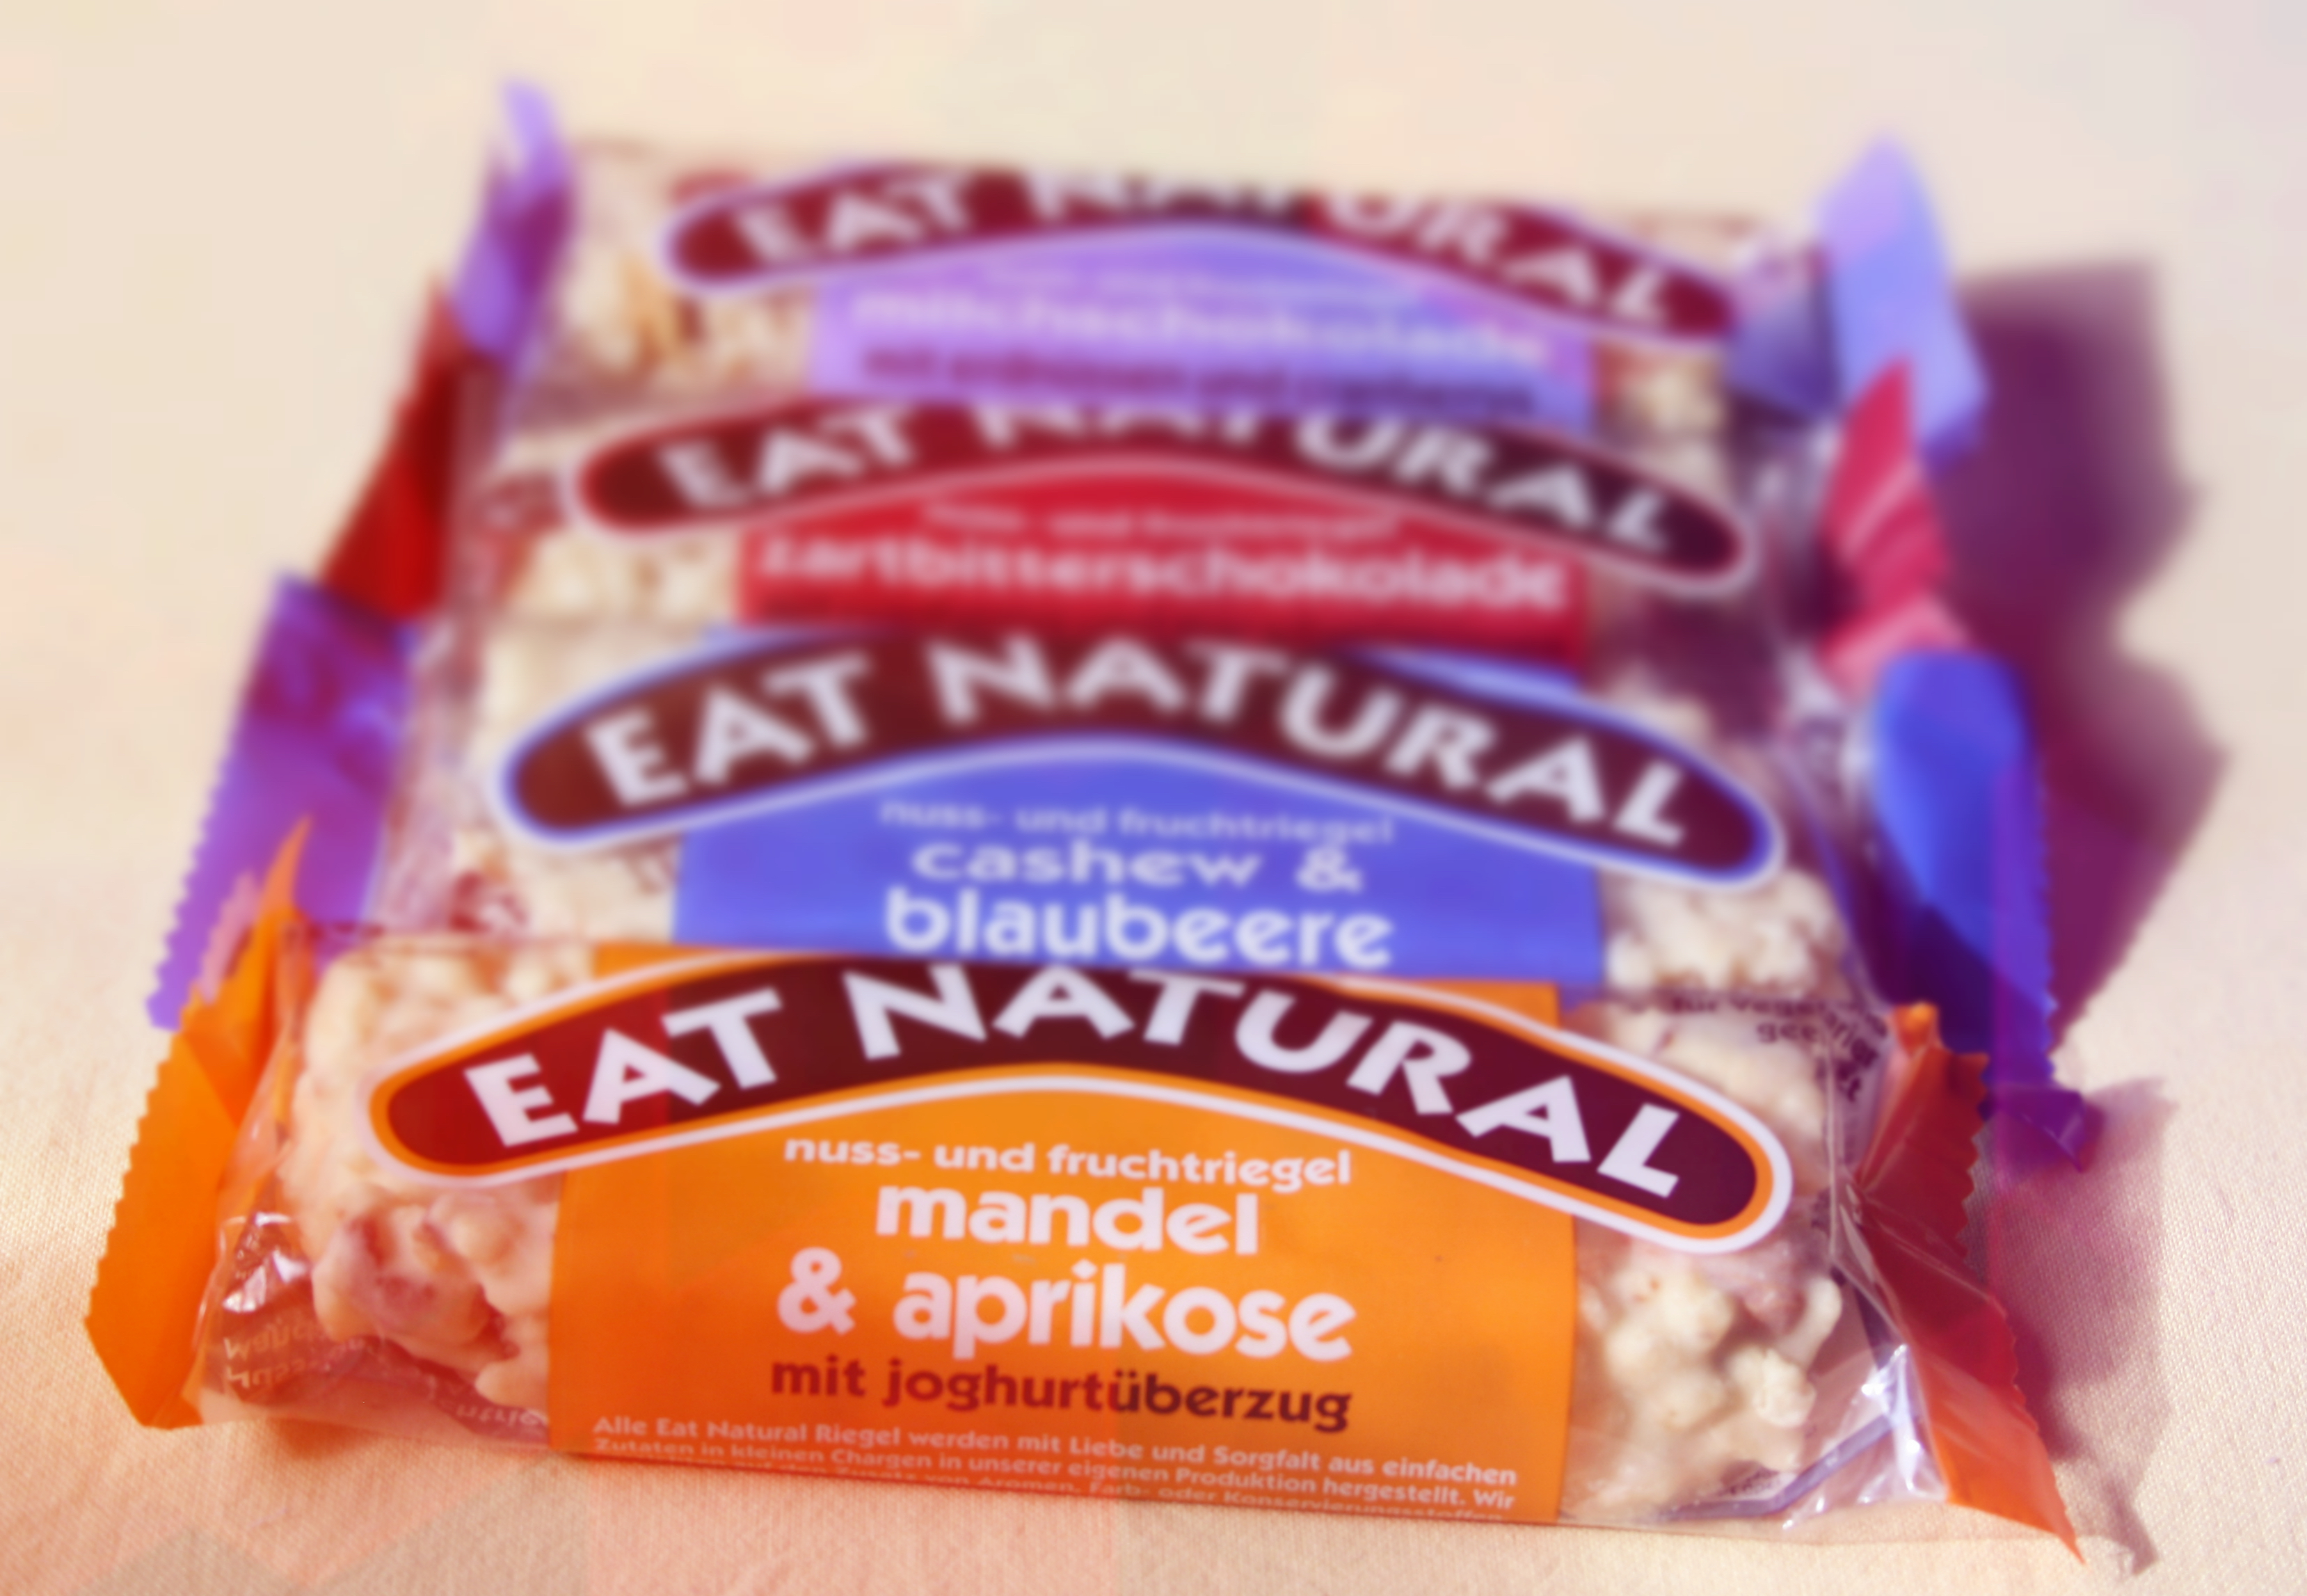 Müsliriegelreport: Eat Natural – Riegel und Müsli